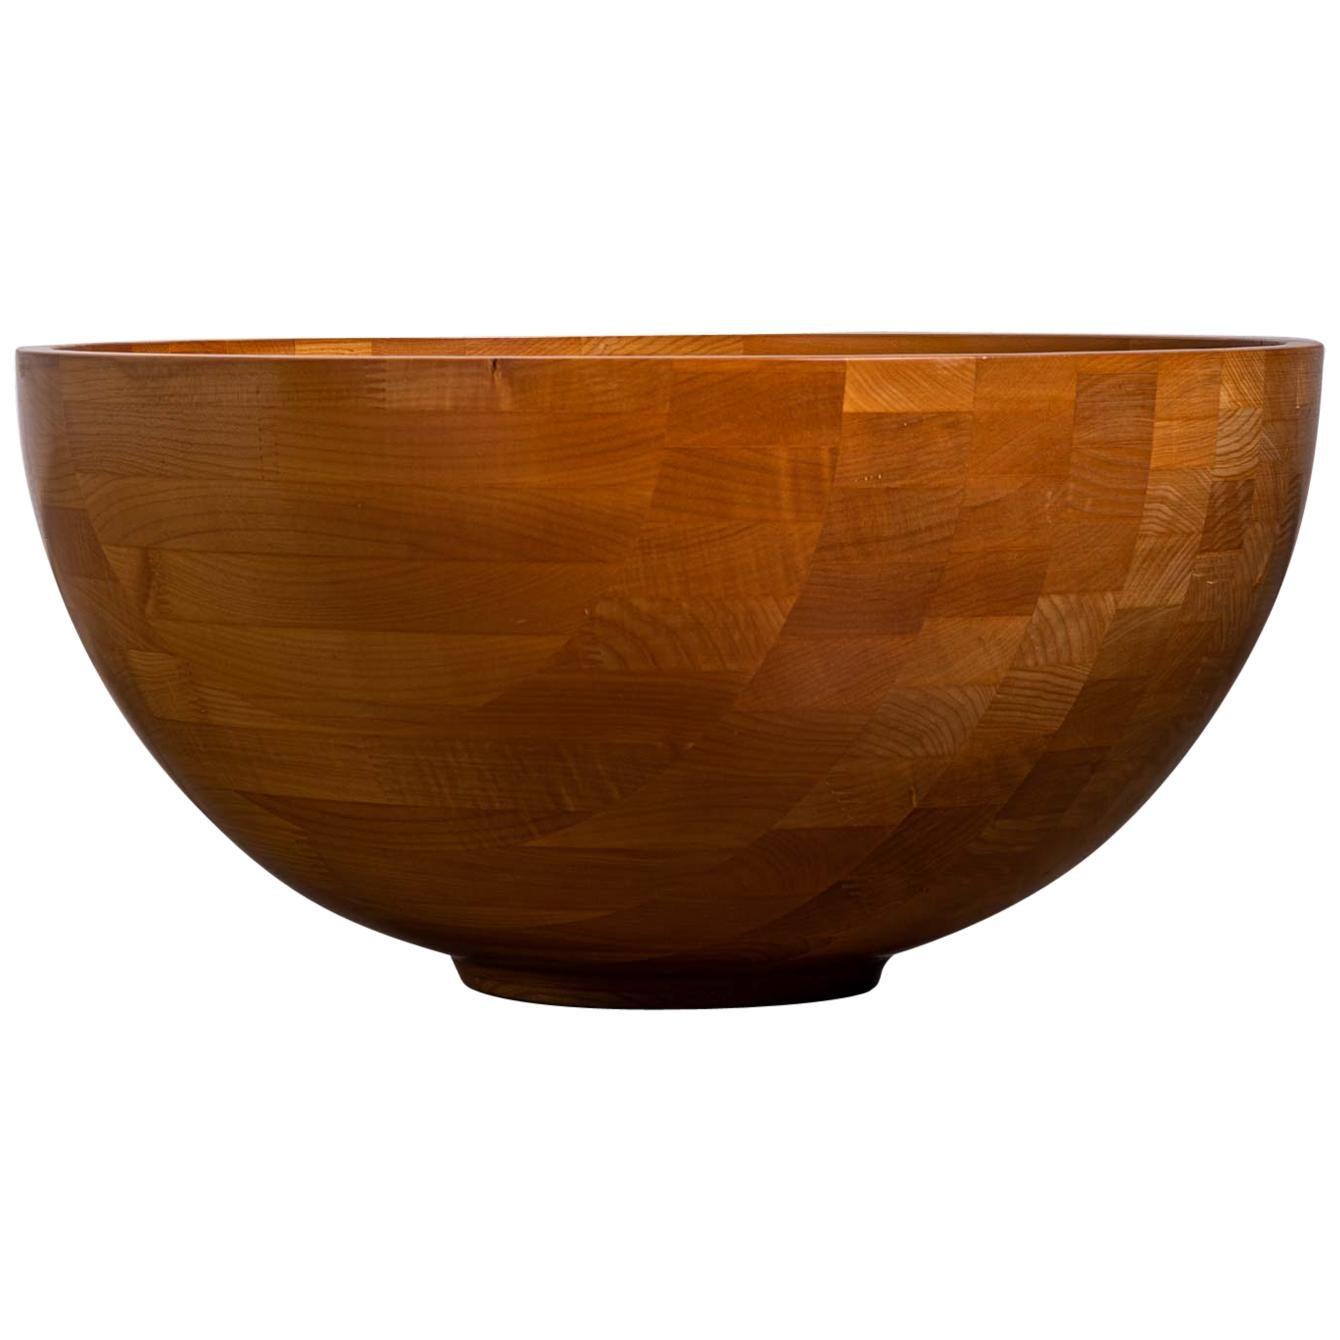 Monumental Turned Wood Bowl